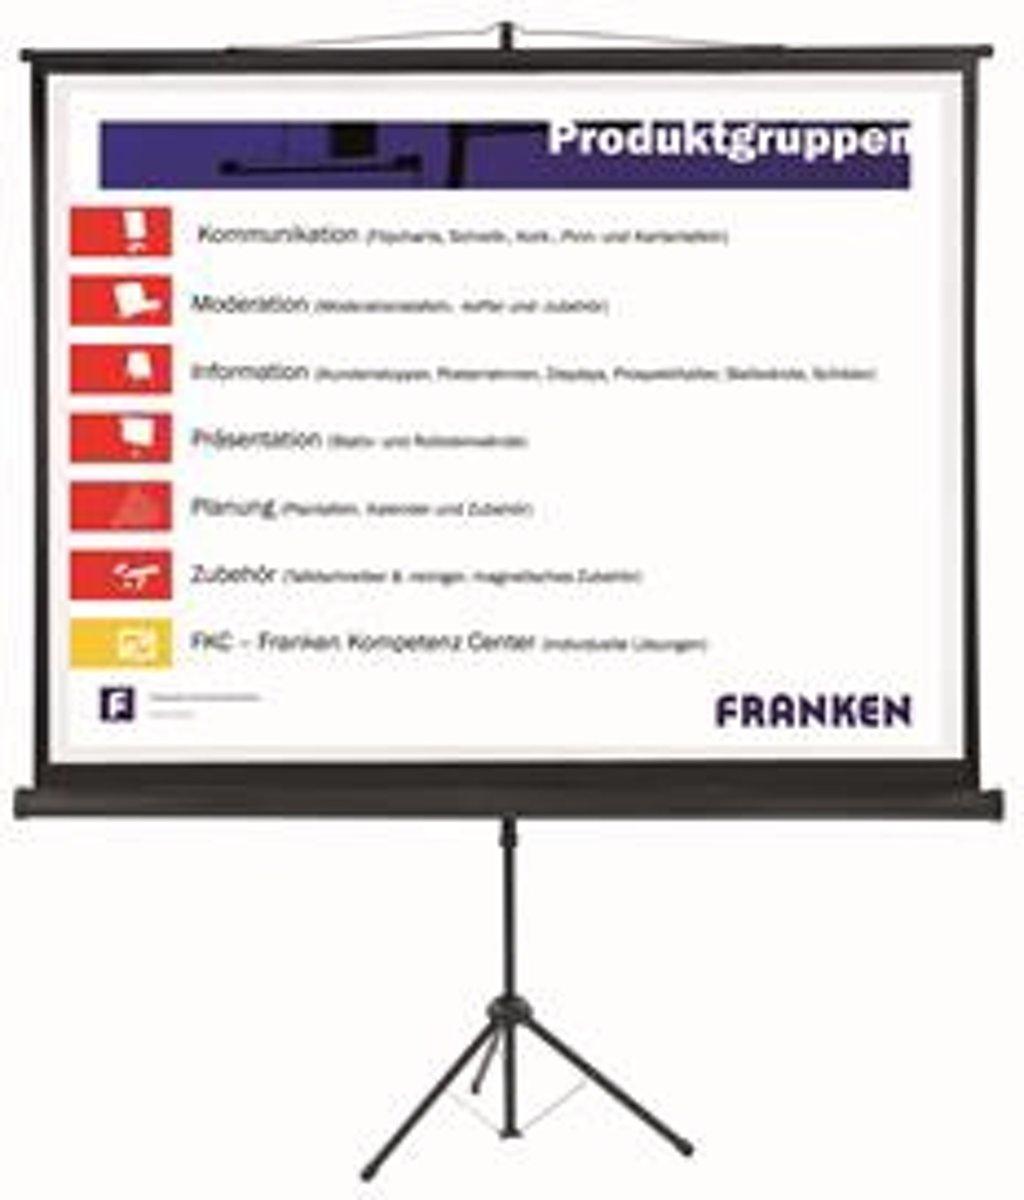 Projectiescherm op statief 200x150 cm, 4:3 kopen